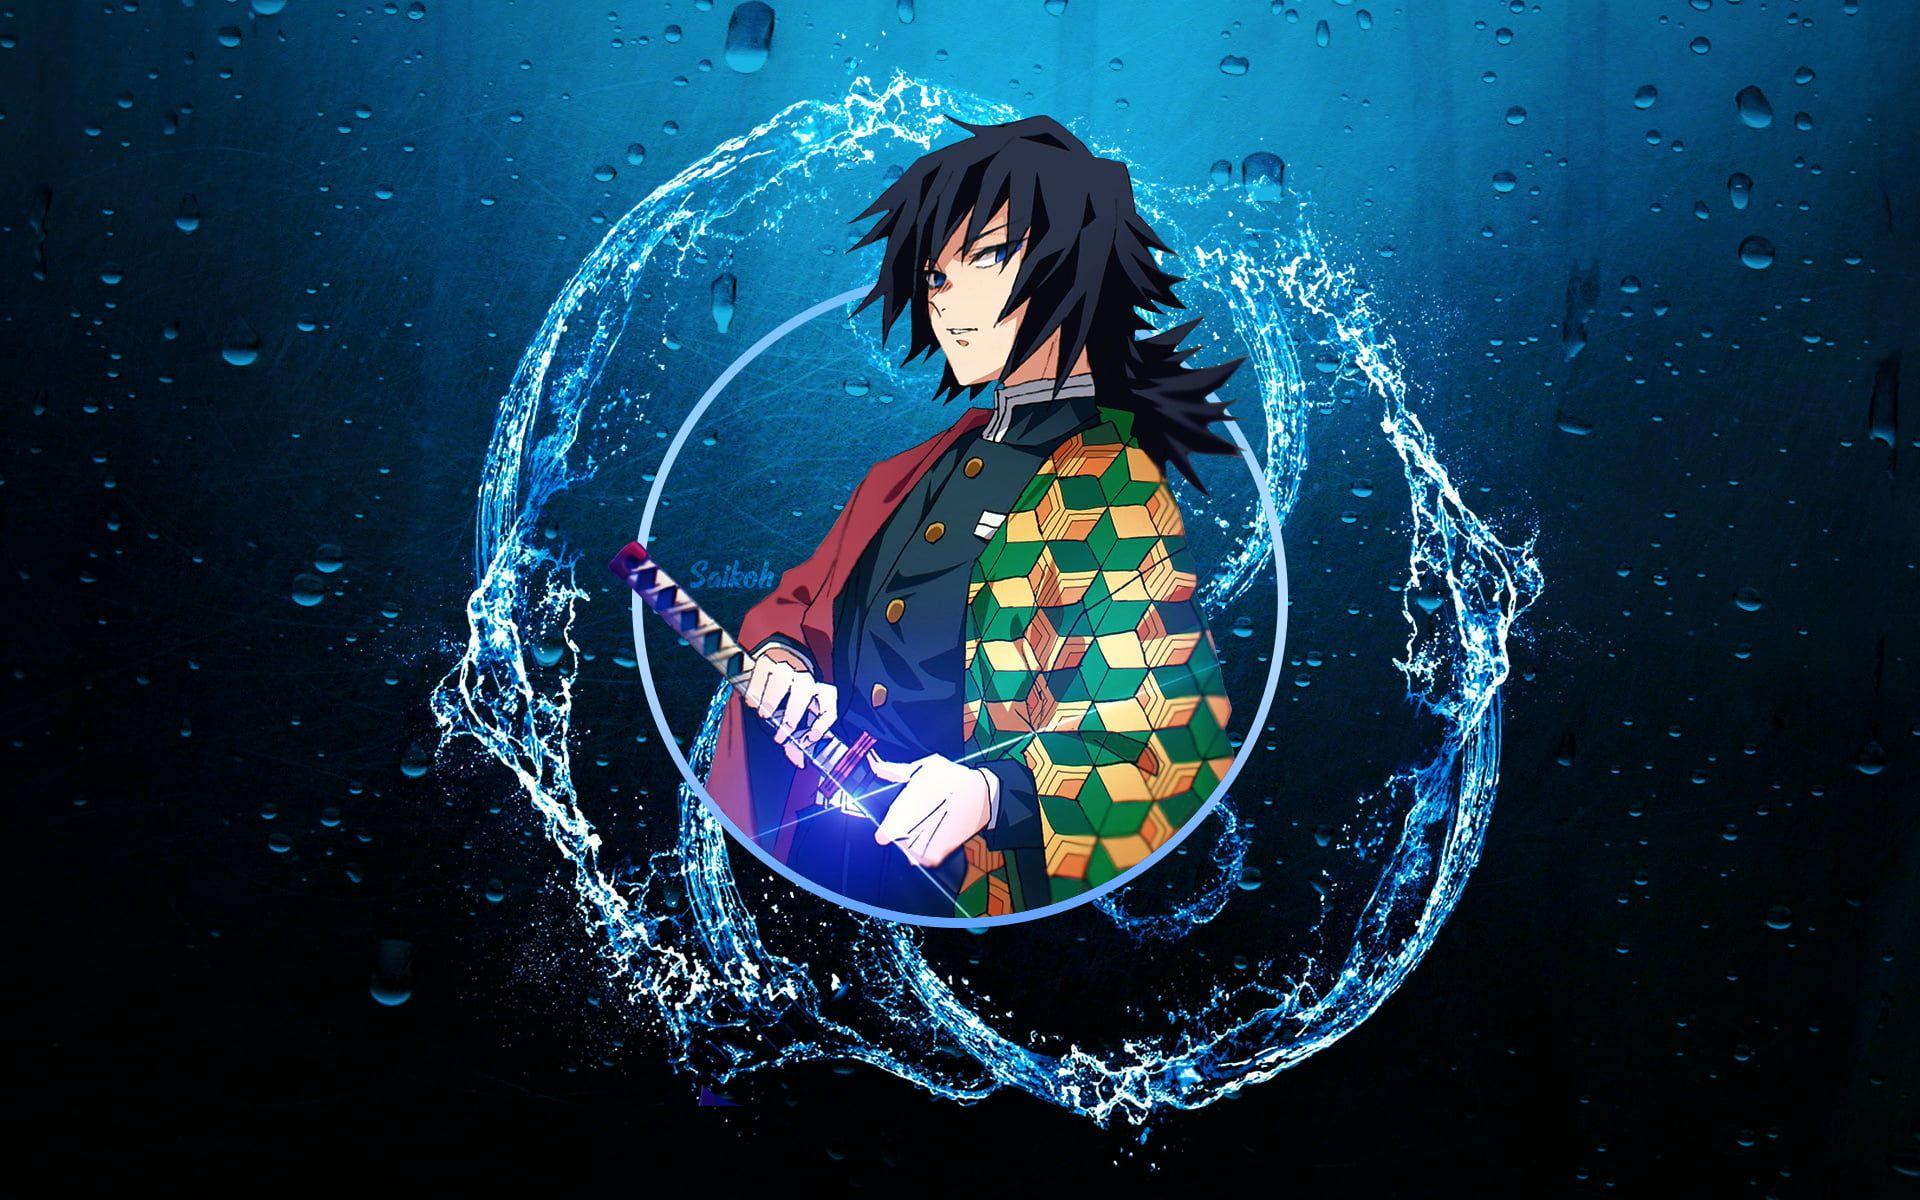 Giyu Tomioka Kimetsu No Yaiba Kimetsu No Yaiba Water Katana Anime Boys 1080p Wallpaper Hdwallpaper De In 2021 1080p Anime Wallpaper Anime Desktop Wallpaper Art